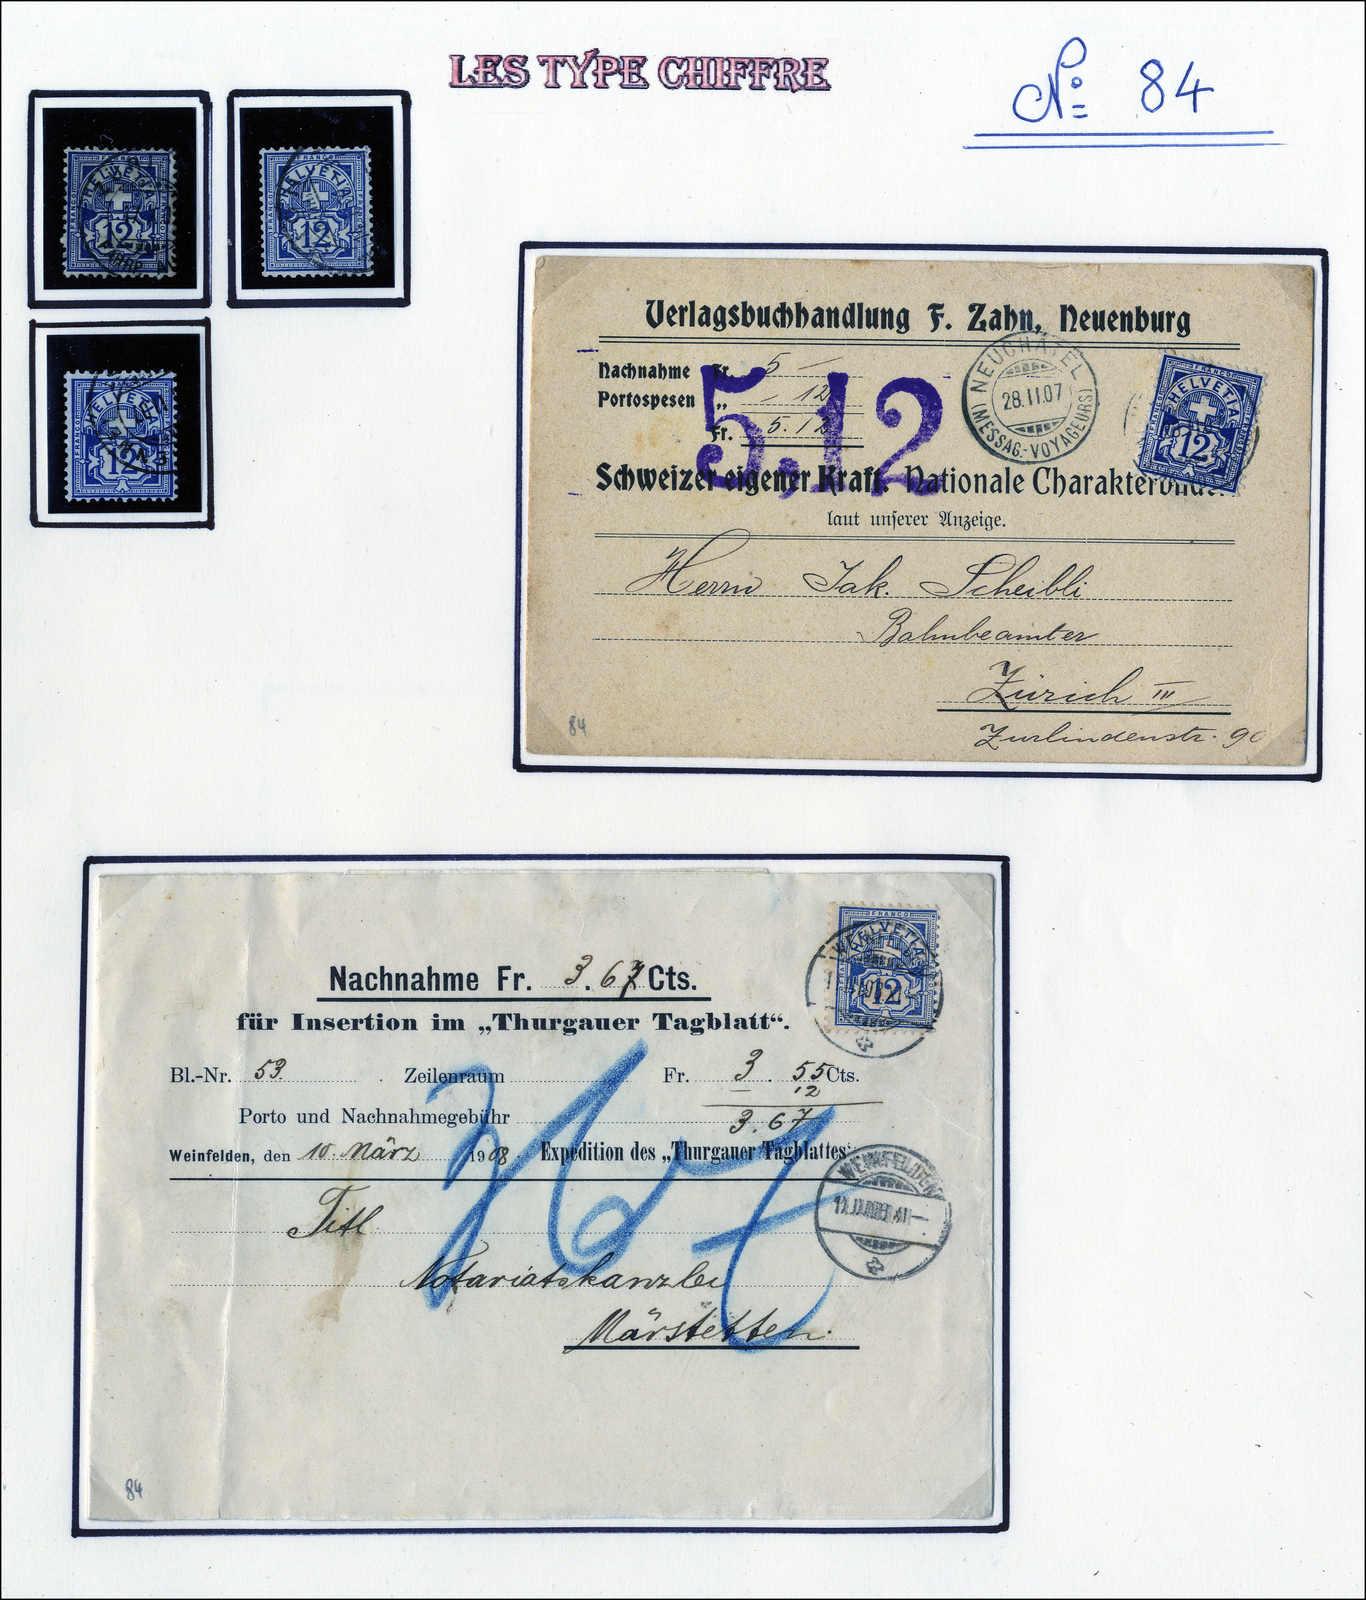 Lot 93 - schweiz schweiz -  Rolli Auctions Auction #68 Day 1